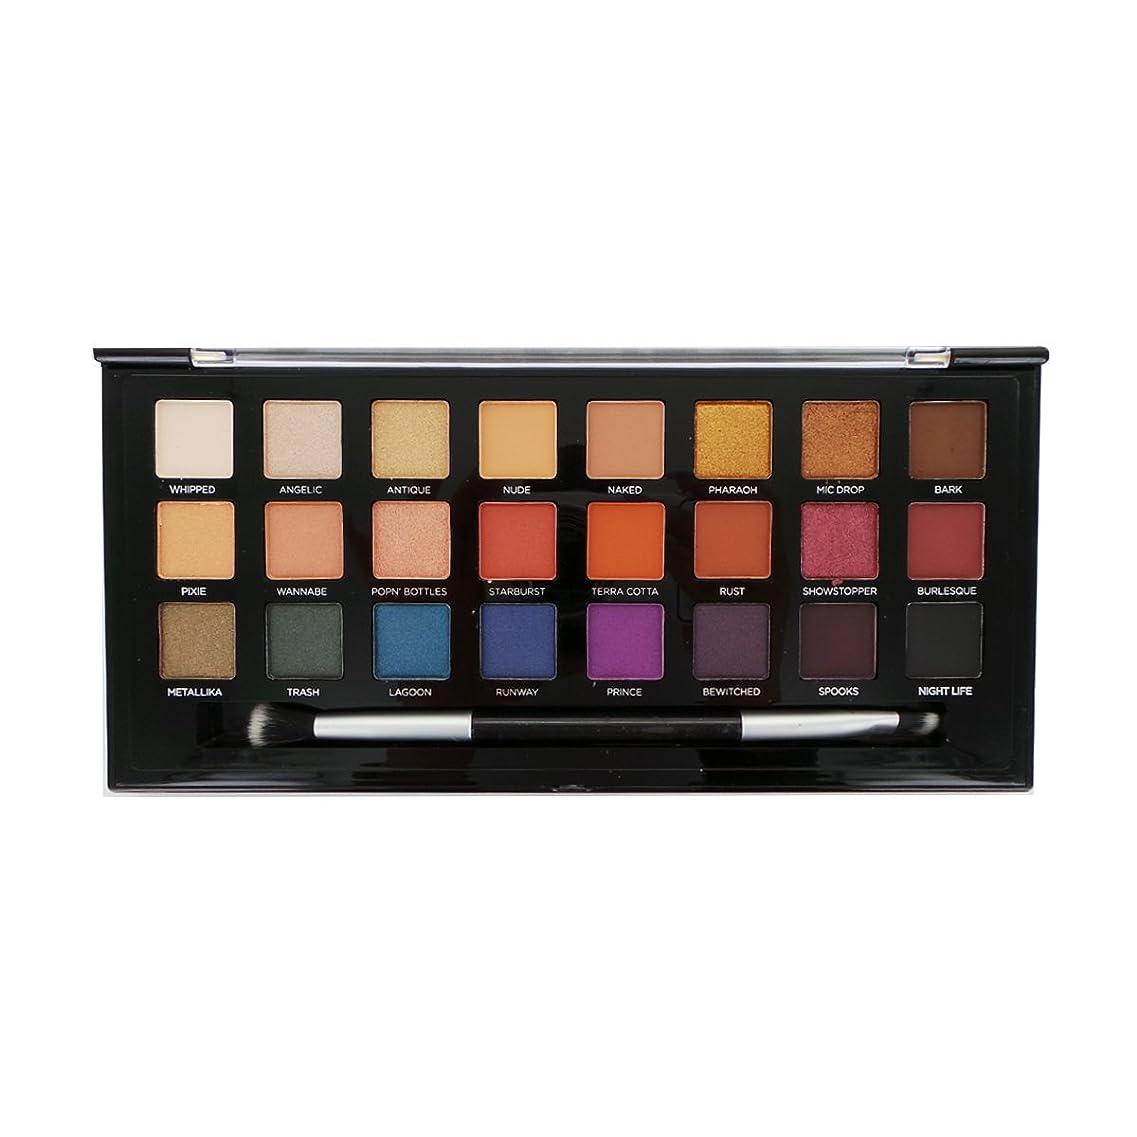 受取人プレミアム食物PROFUSION Glitter & Glam 24 Eyeshadow Palette - B (並行輸入品)